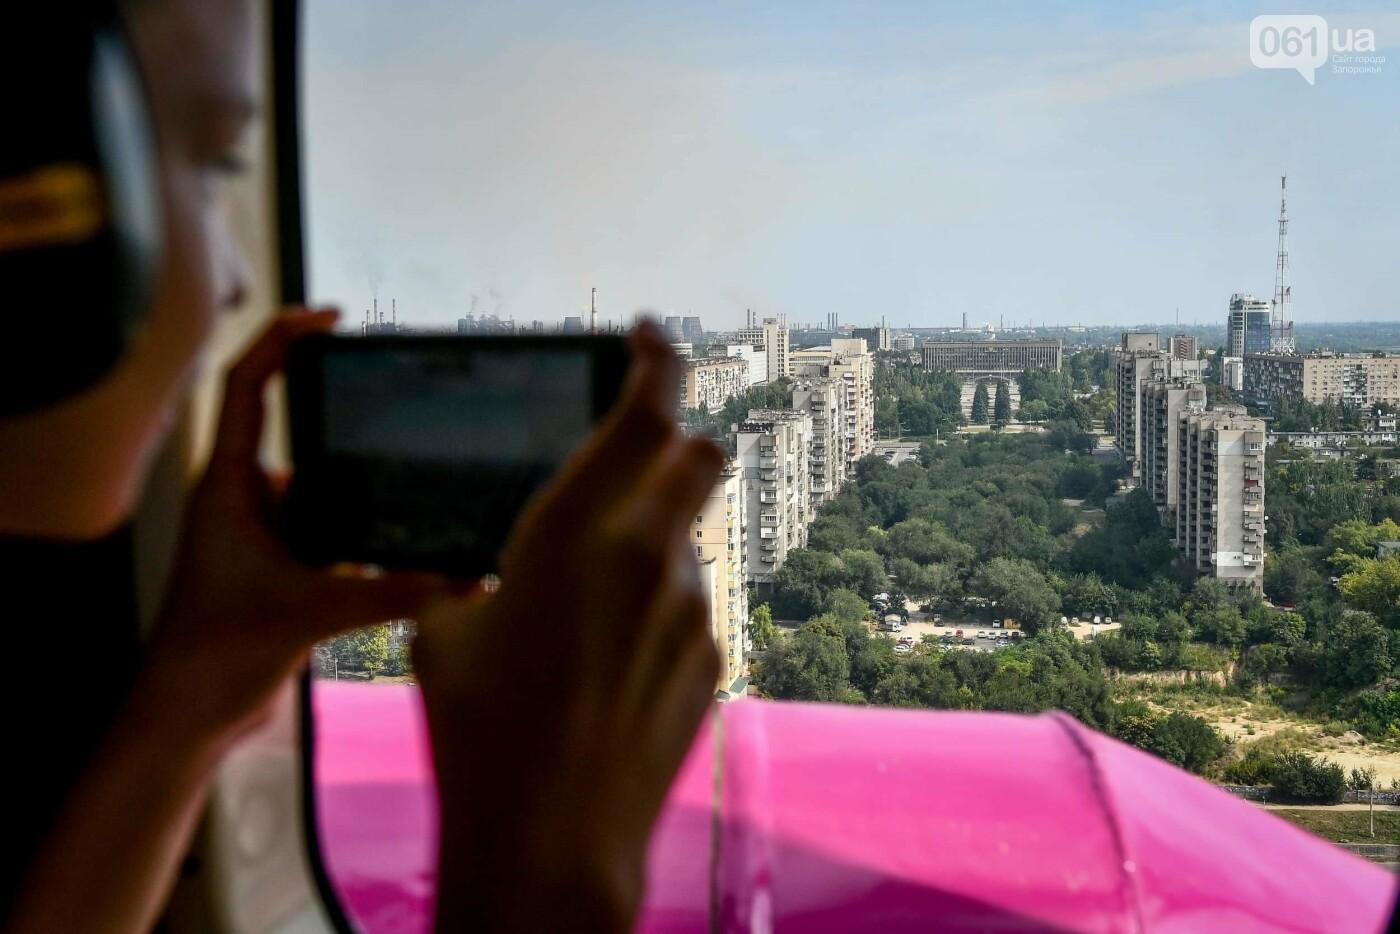 """""""Город красивый, если бы только заводы не дымили"""": запорожцам показали город с высоты птичьего полета, - ФОТОРЕПОРТАЖ, фото-32"""